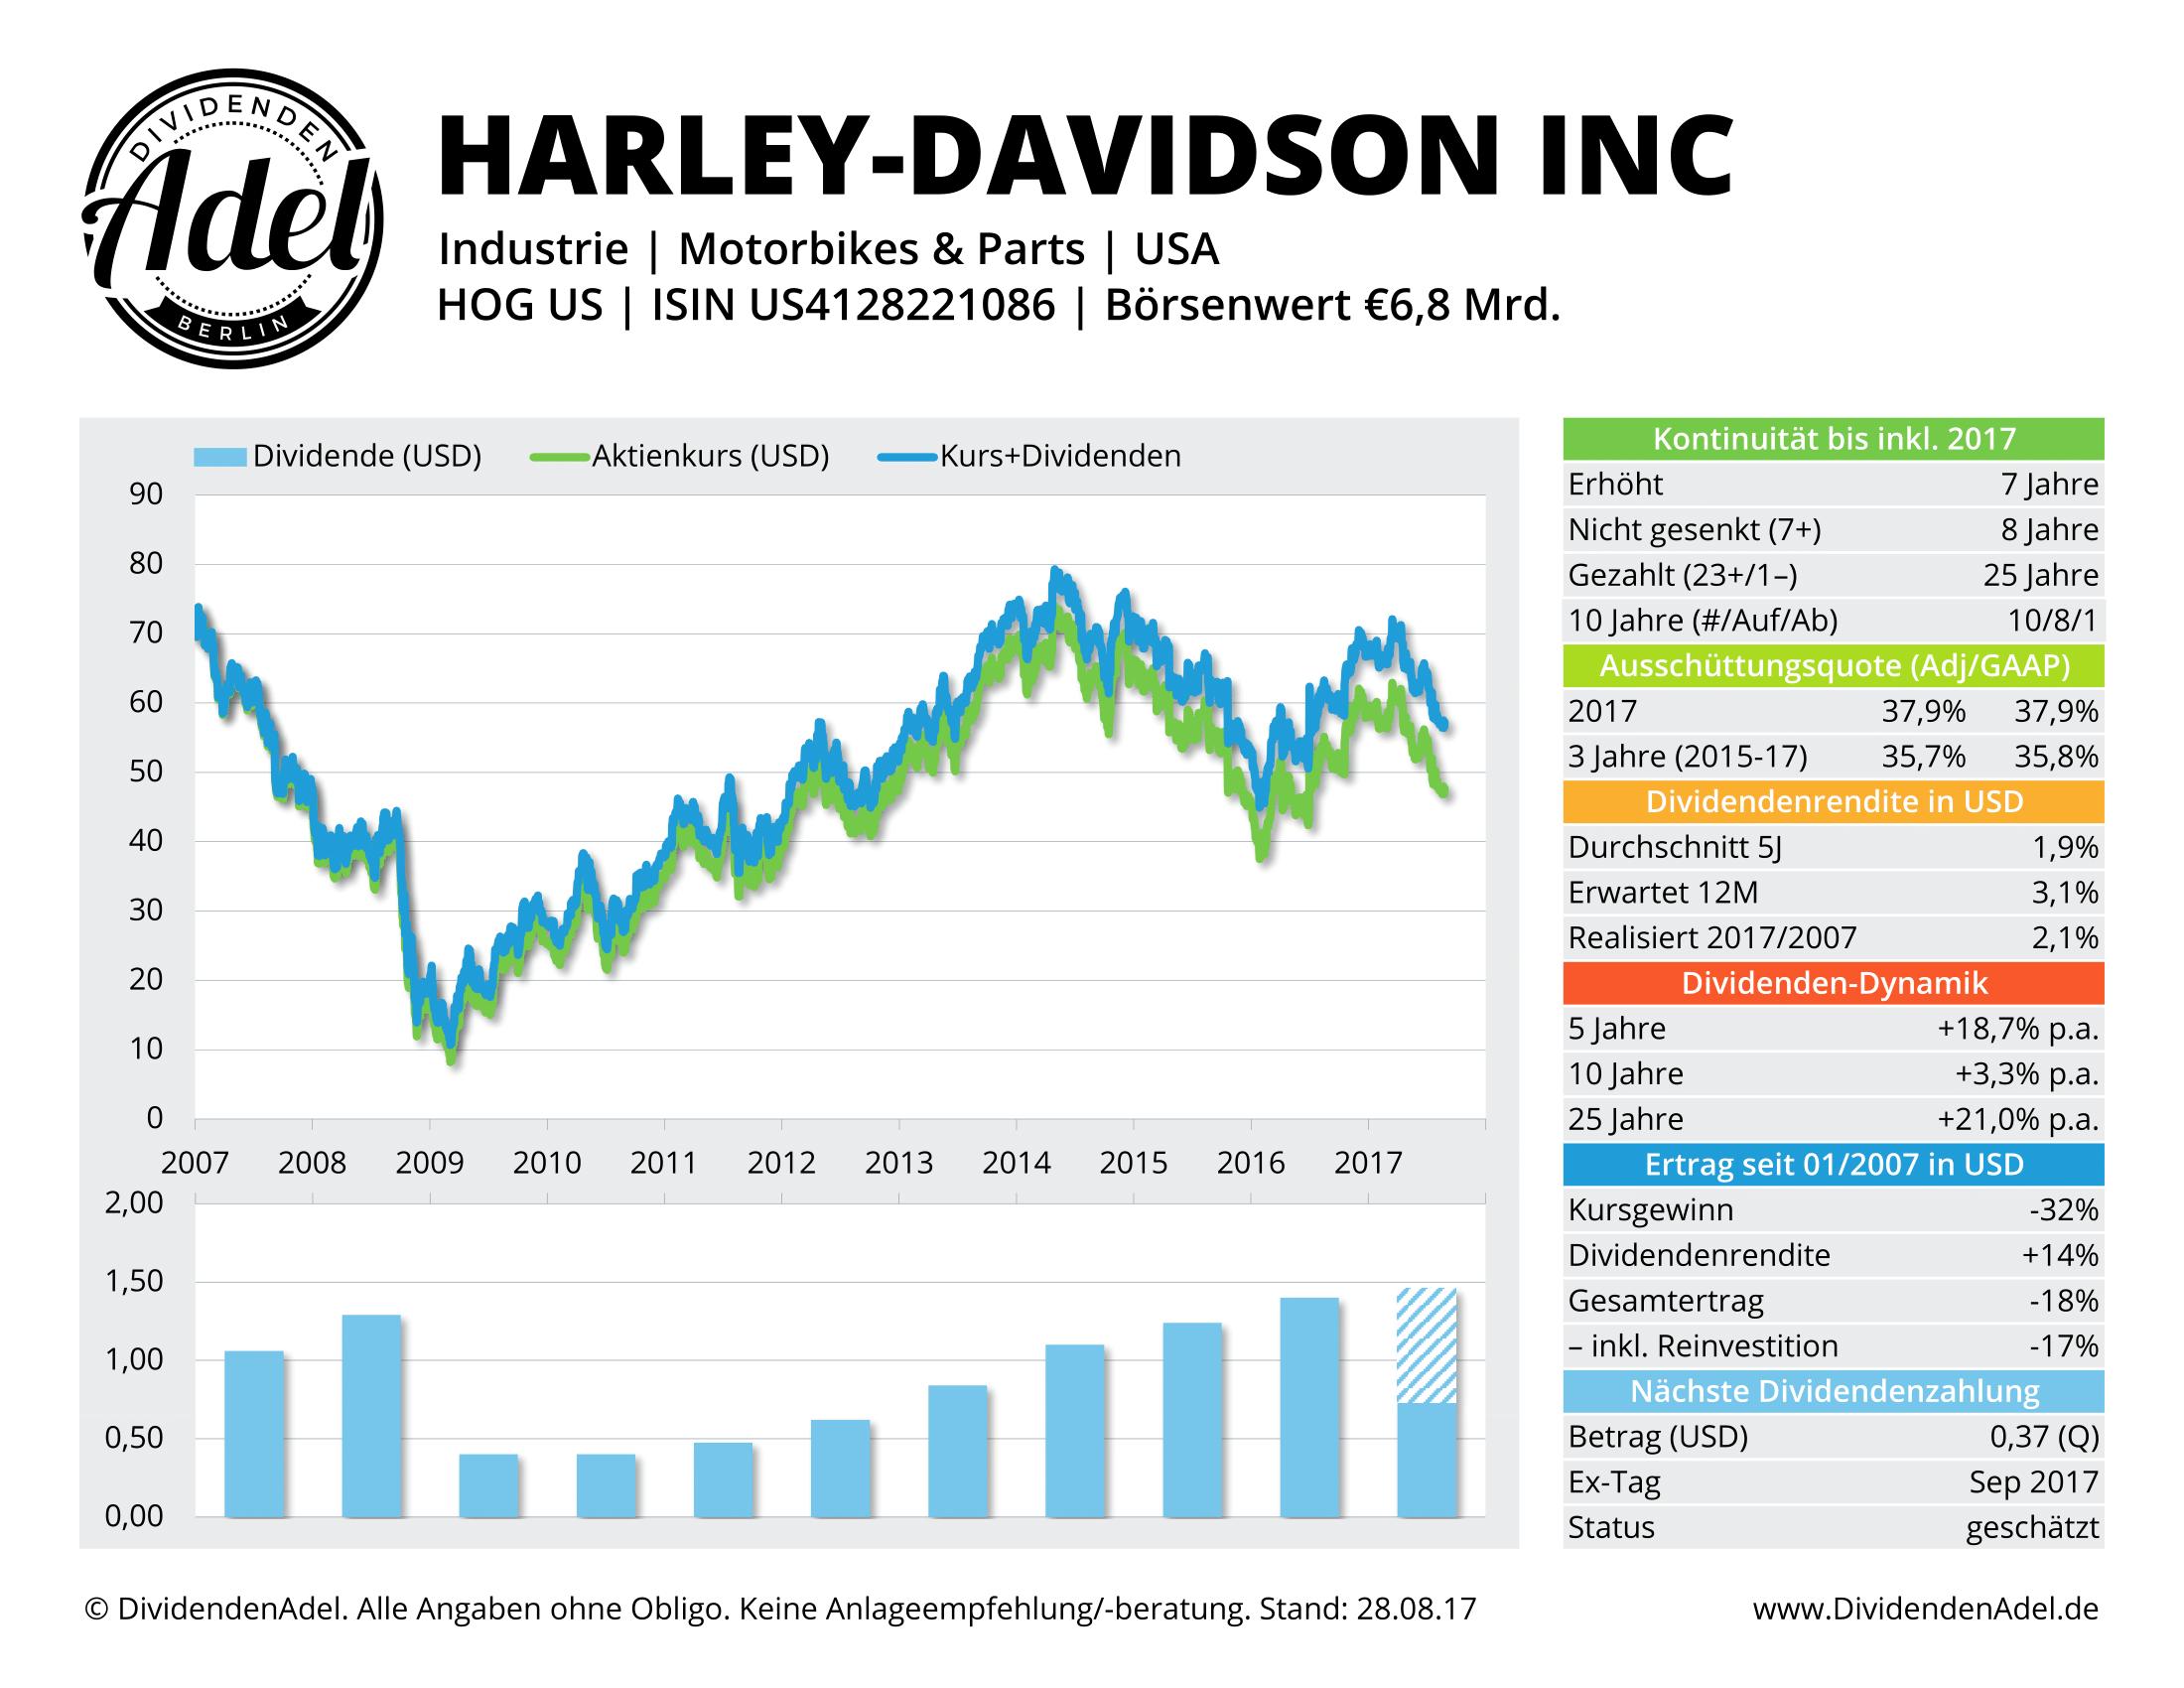 HARLEY-DAVIDSON DividendenAdel-Profil